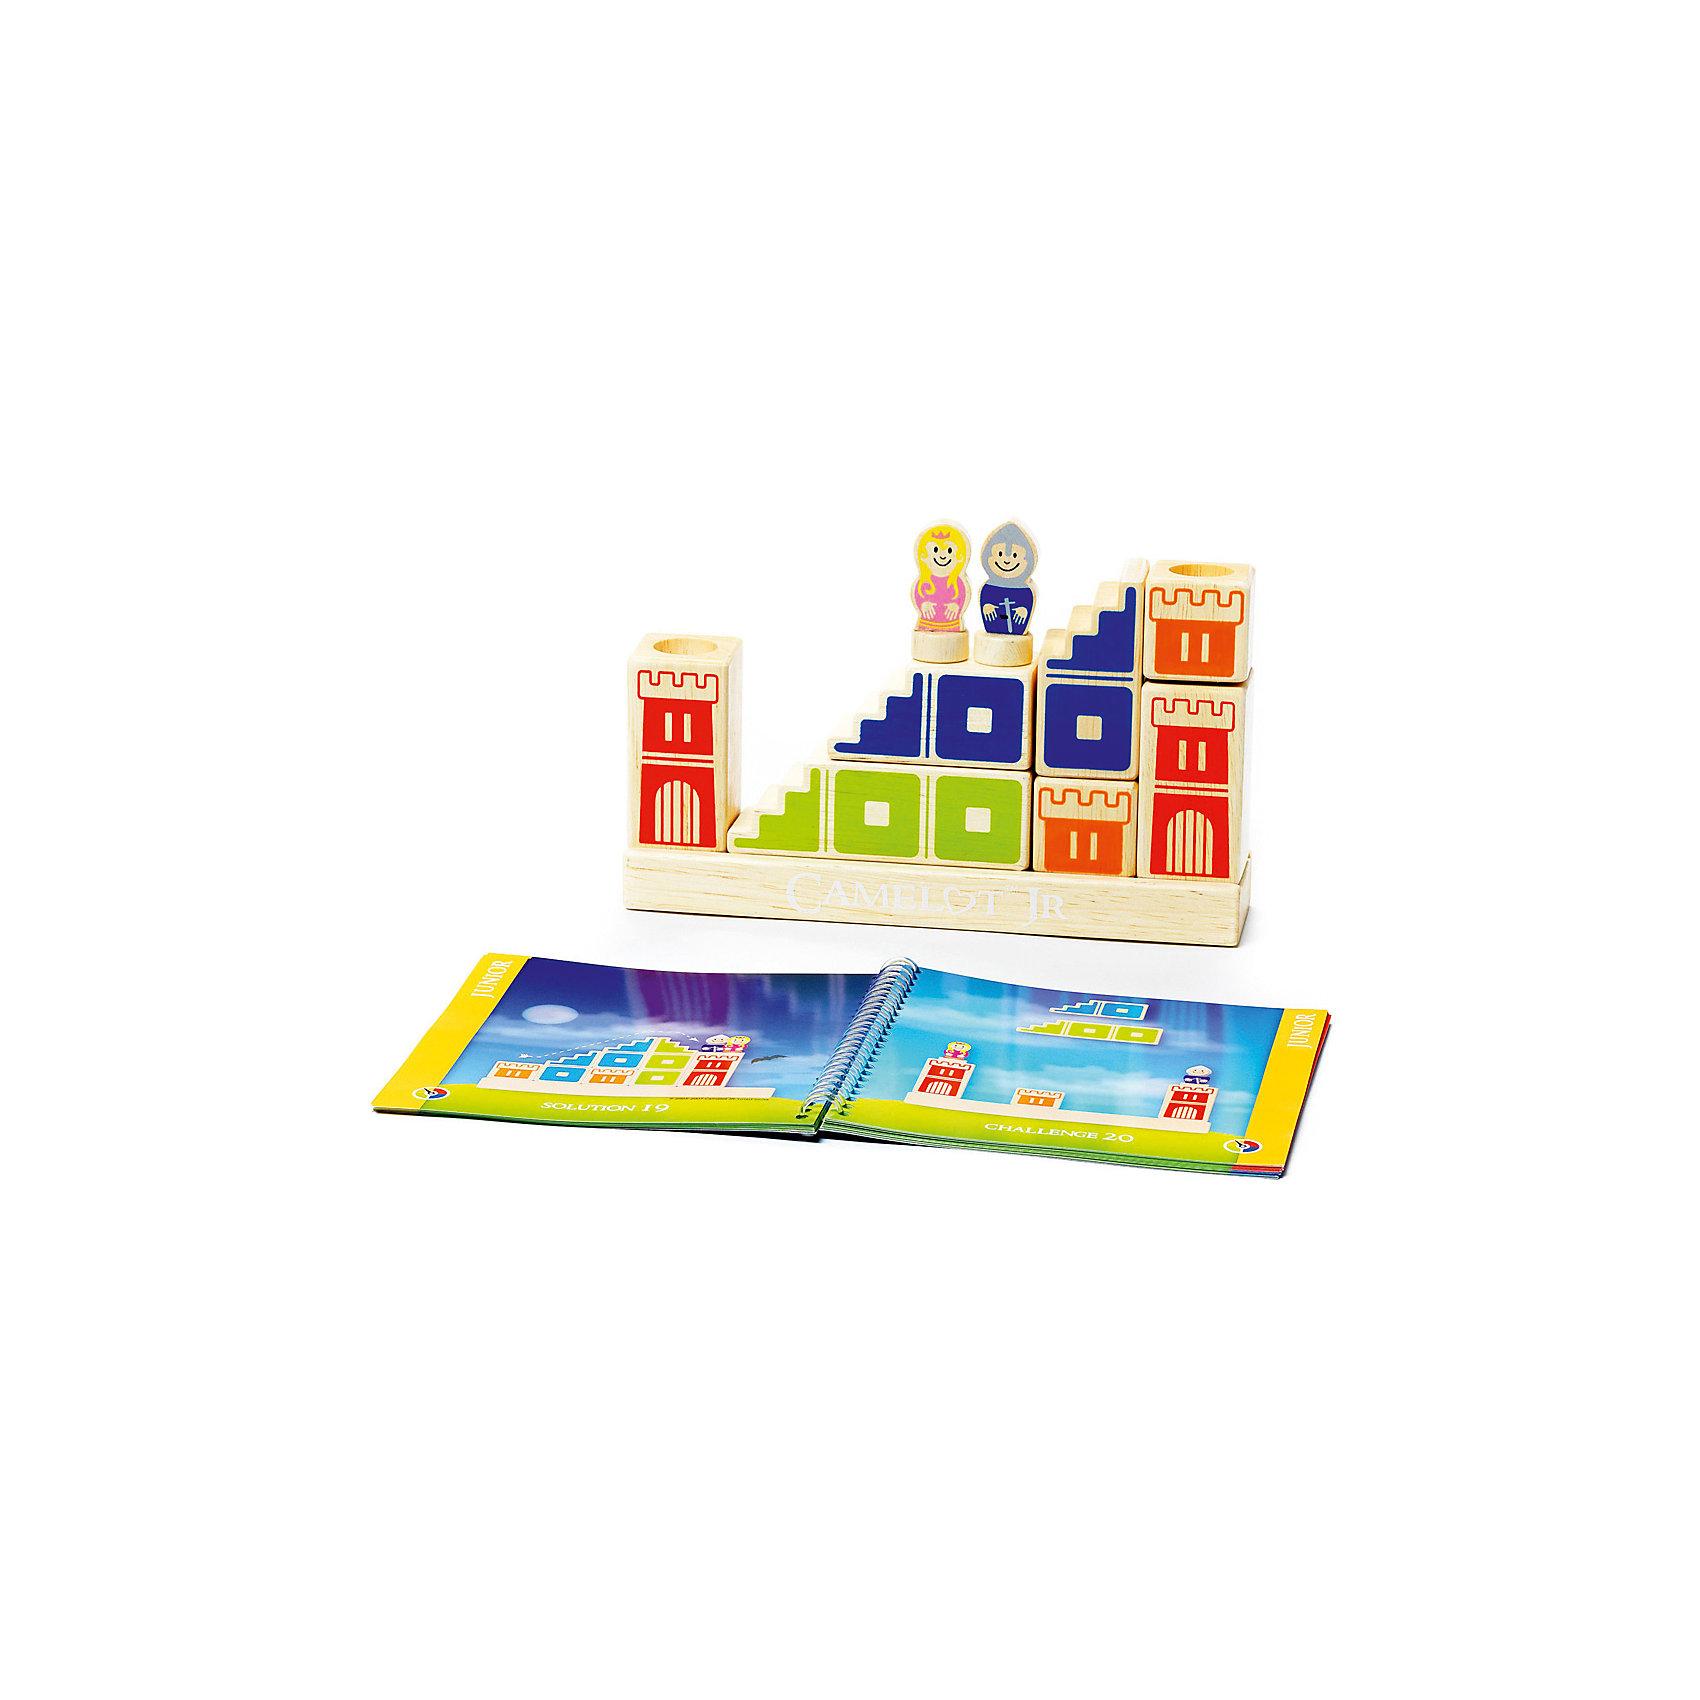 Логическая игра Камелот, BondibonСтратегические настольные игры<br>Характеристики:<br><br>• Вид игр: игра-конструктор<br>• Пол: универсальный<br>• Материал: дерево, бумага, картон<br>• Количество игроков: 1<br>• Количество уровней сложности: 4<br>• Количество заданий: 48<br>• Размер (Д*Ш*В): 24*5*24 см<br>• Вес: 1 кг 014 г<br>• Комплектация: блоки для постройки замка и моста, фигурка принцессы, фигурка принца, блокнот с заданиями, инструкция<br><br>Логическая игра Камелот, Bondibon – это настольная игра от всемирно известного производителя детских игр развивающей и обучающей направленности. Smart Games – это серия логических игр, предназначенная для одного игрока с несколькими уровнями сложности и множеством заданий. Цель игры Камелот заключается в том, чтобы помочь добраться принцу до принцессы, построив замок, башни и мост в соответствии с заданием, указанным в карточке. Элементы игры выполнены из качественного обработанного дерева, упакованы в картонную коробку. В комплекте имеется инструкция с правилами игры и буклет с заданиями.<br><br>Логические игры Smart Games от Bondibon научат ребенка логическому и пространственному мышлению, концентрации внимания и выработке индивидуальной тактики решения игровых задач. Настольные игры от Bondibon – залог развития успешности вашего ребенка в будущем! <br><br>Логическую игру Камелот, Bondibon можно купить в нашем интернет-магазине.<br><br>Ширина мм: 240<br>Глубина мм: 50<br>Высота мм: 240<br>Вес г: 950<br>Возраст от месяцев: 48<br>Возраст до месяцев: 108<br>Пол: Унисекс<br>Возраст: Детский<br>SKU: 5121957